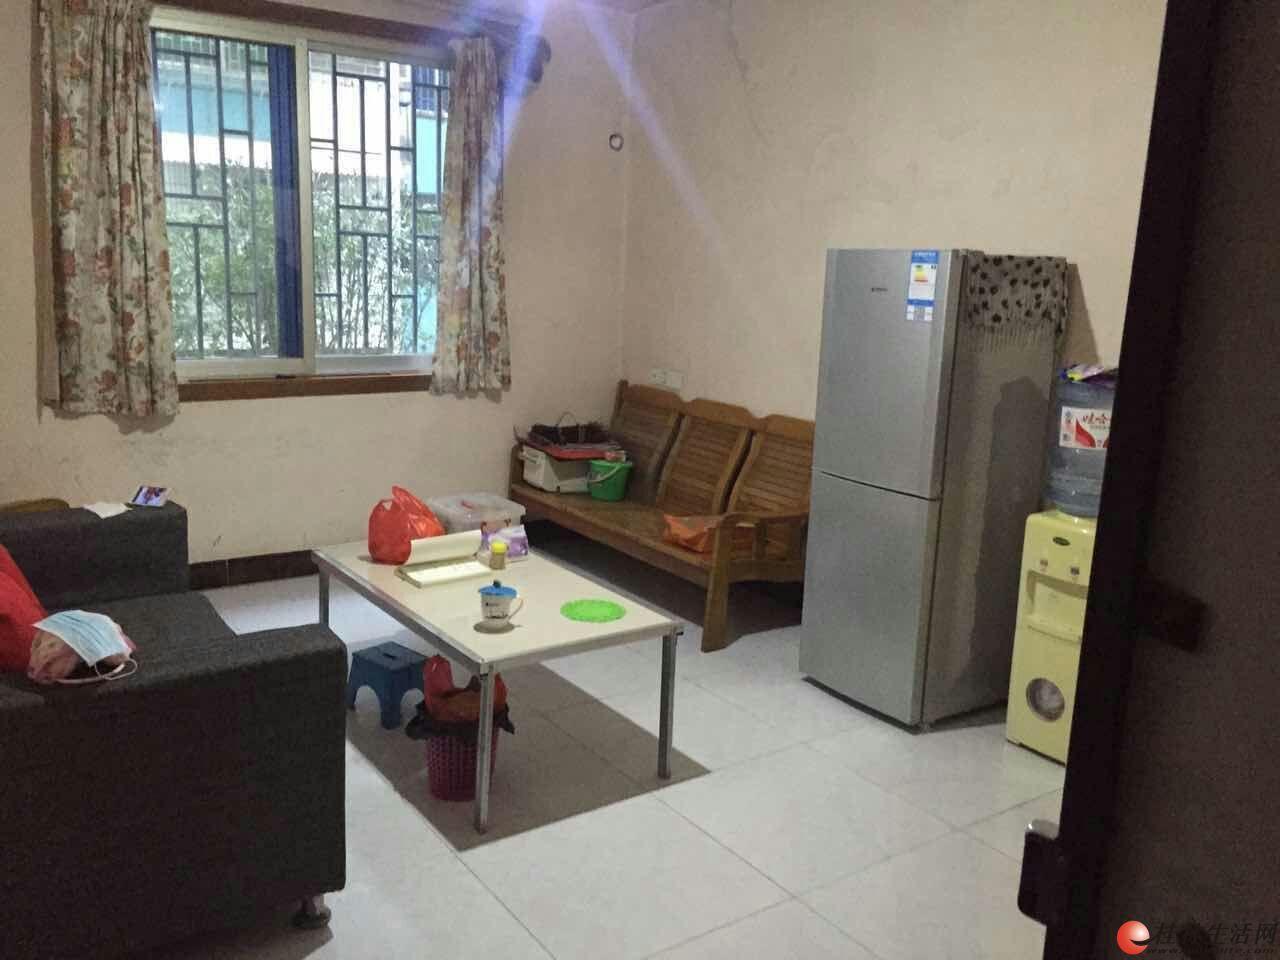 桂林北站旁 金河小区 高一楼2房1厅1卫64平米 送杂物间 25万